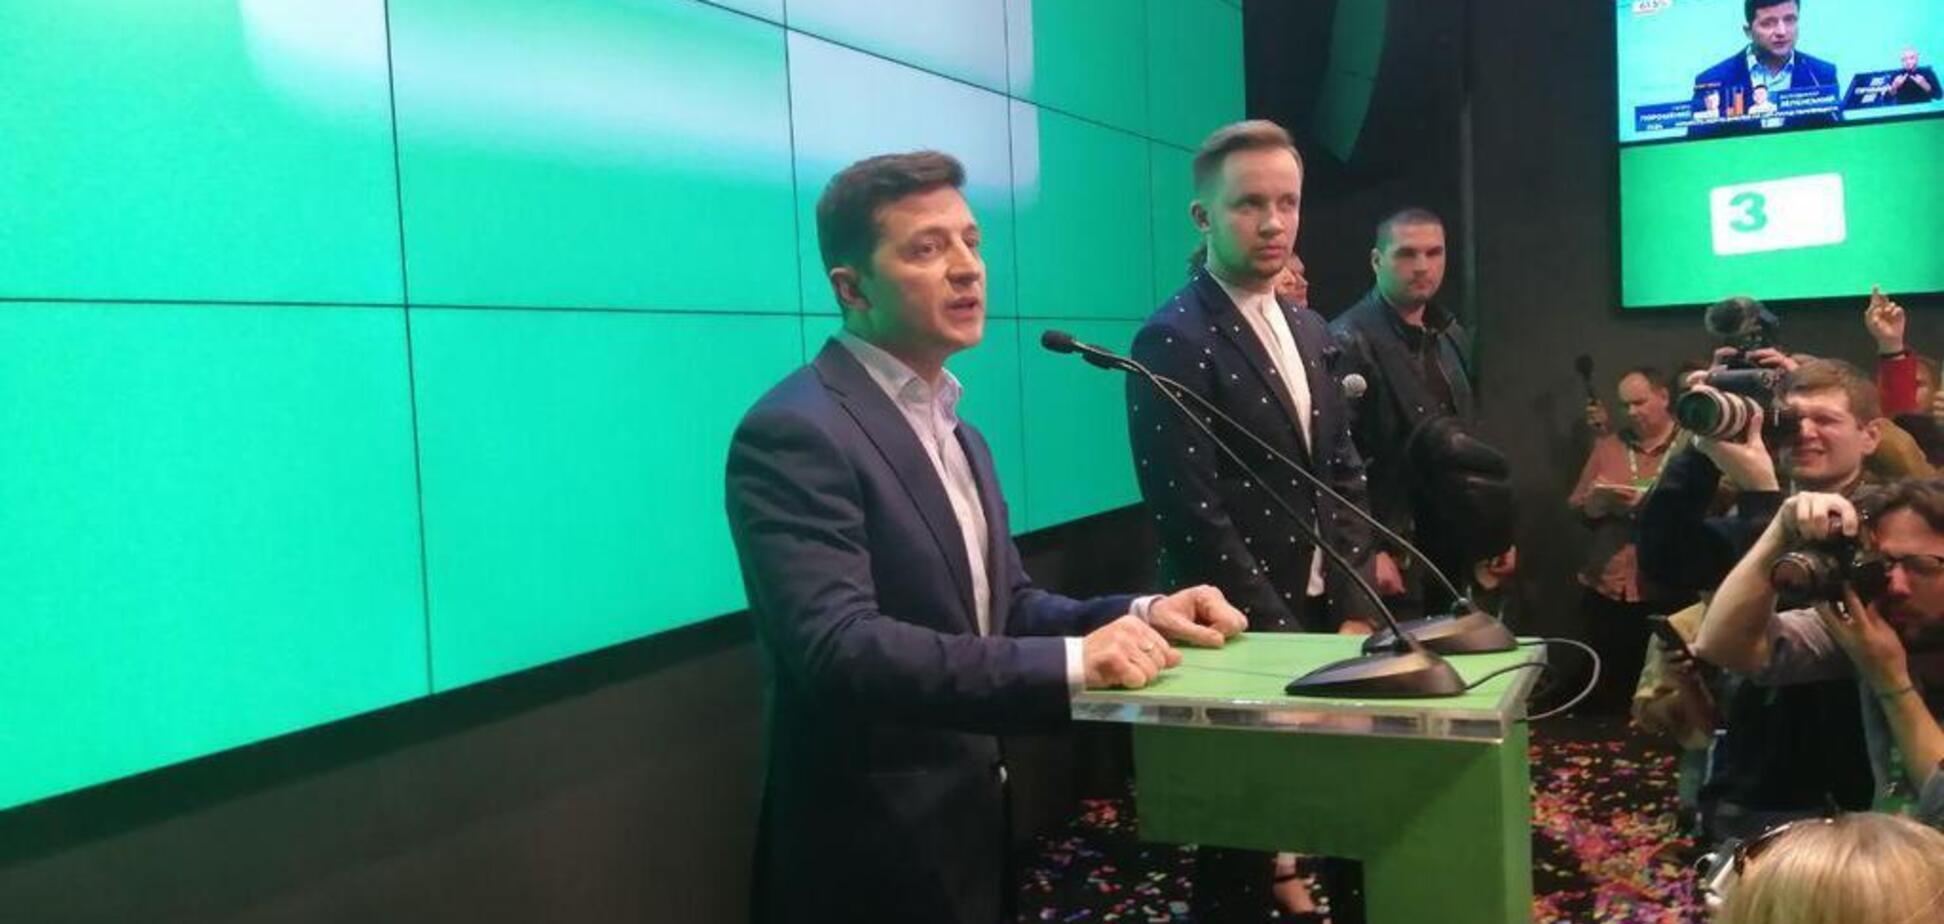 Перші 100 днів президентства: розкрито плани Зеленського